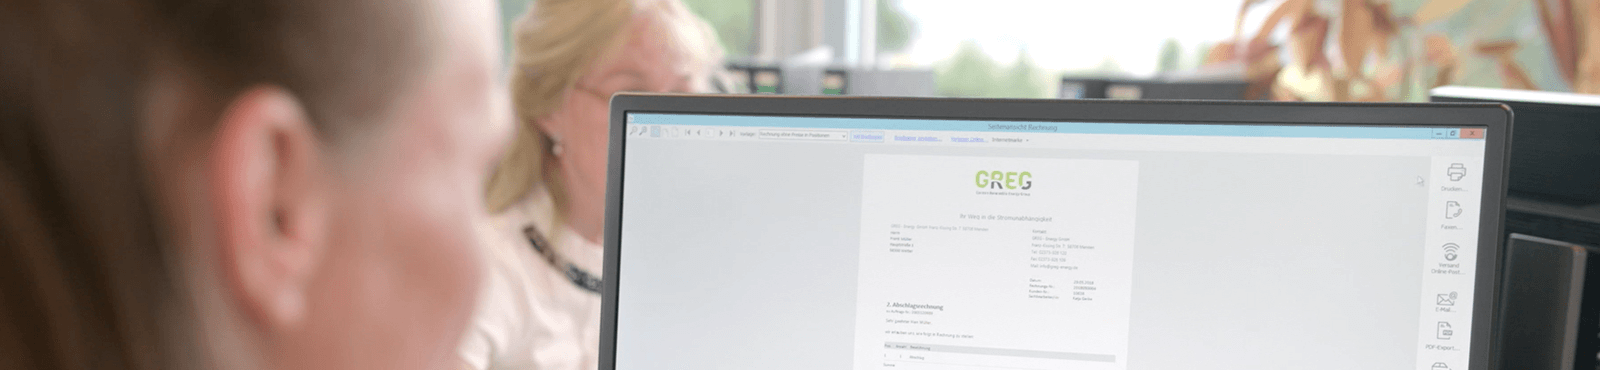 MeinBüro im Einsatz: Kundenportrait von GREG Energy GmbH